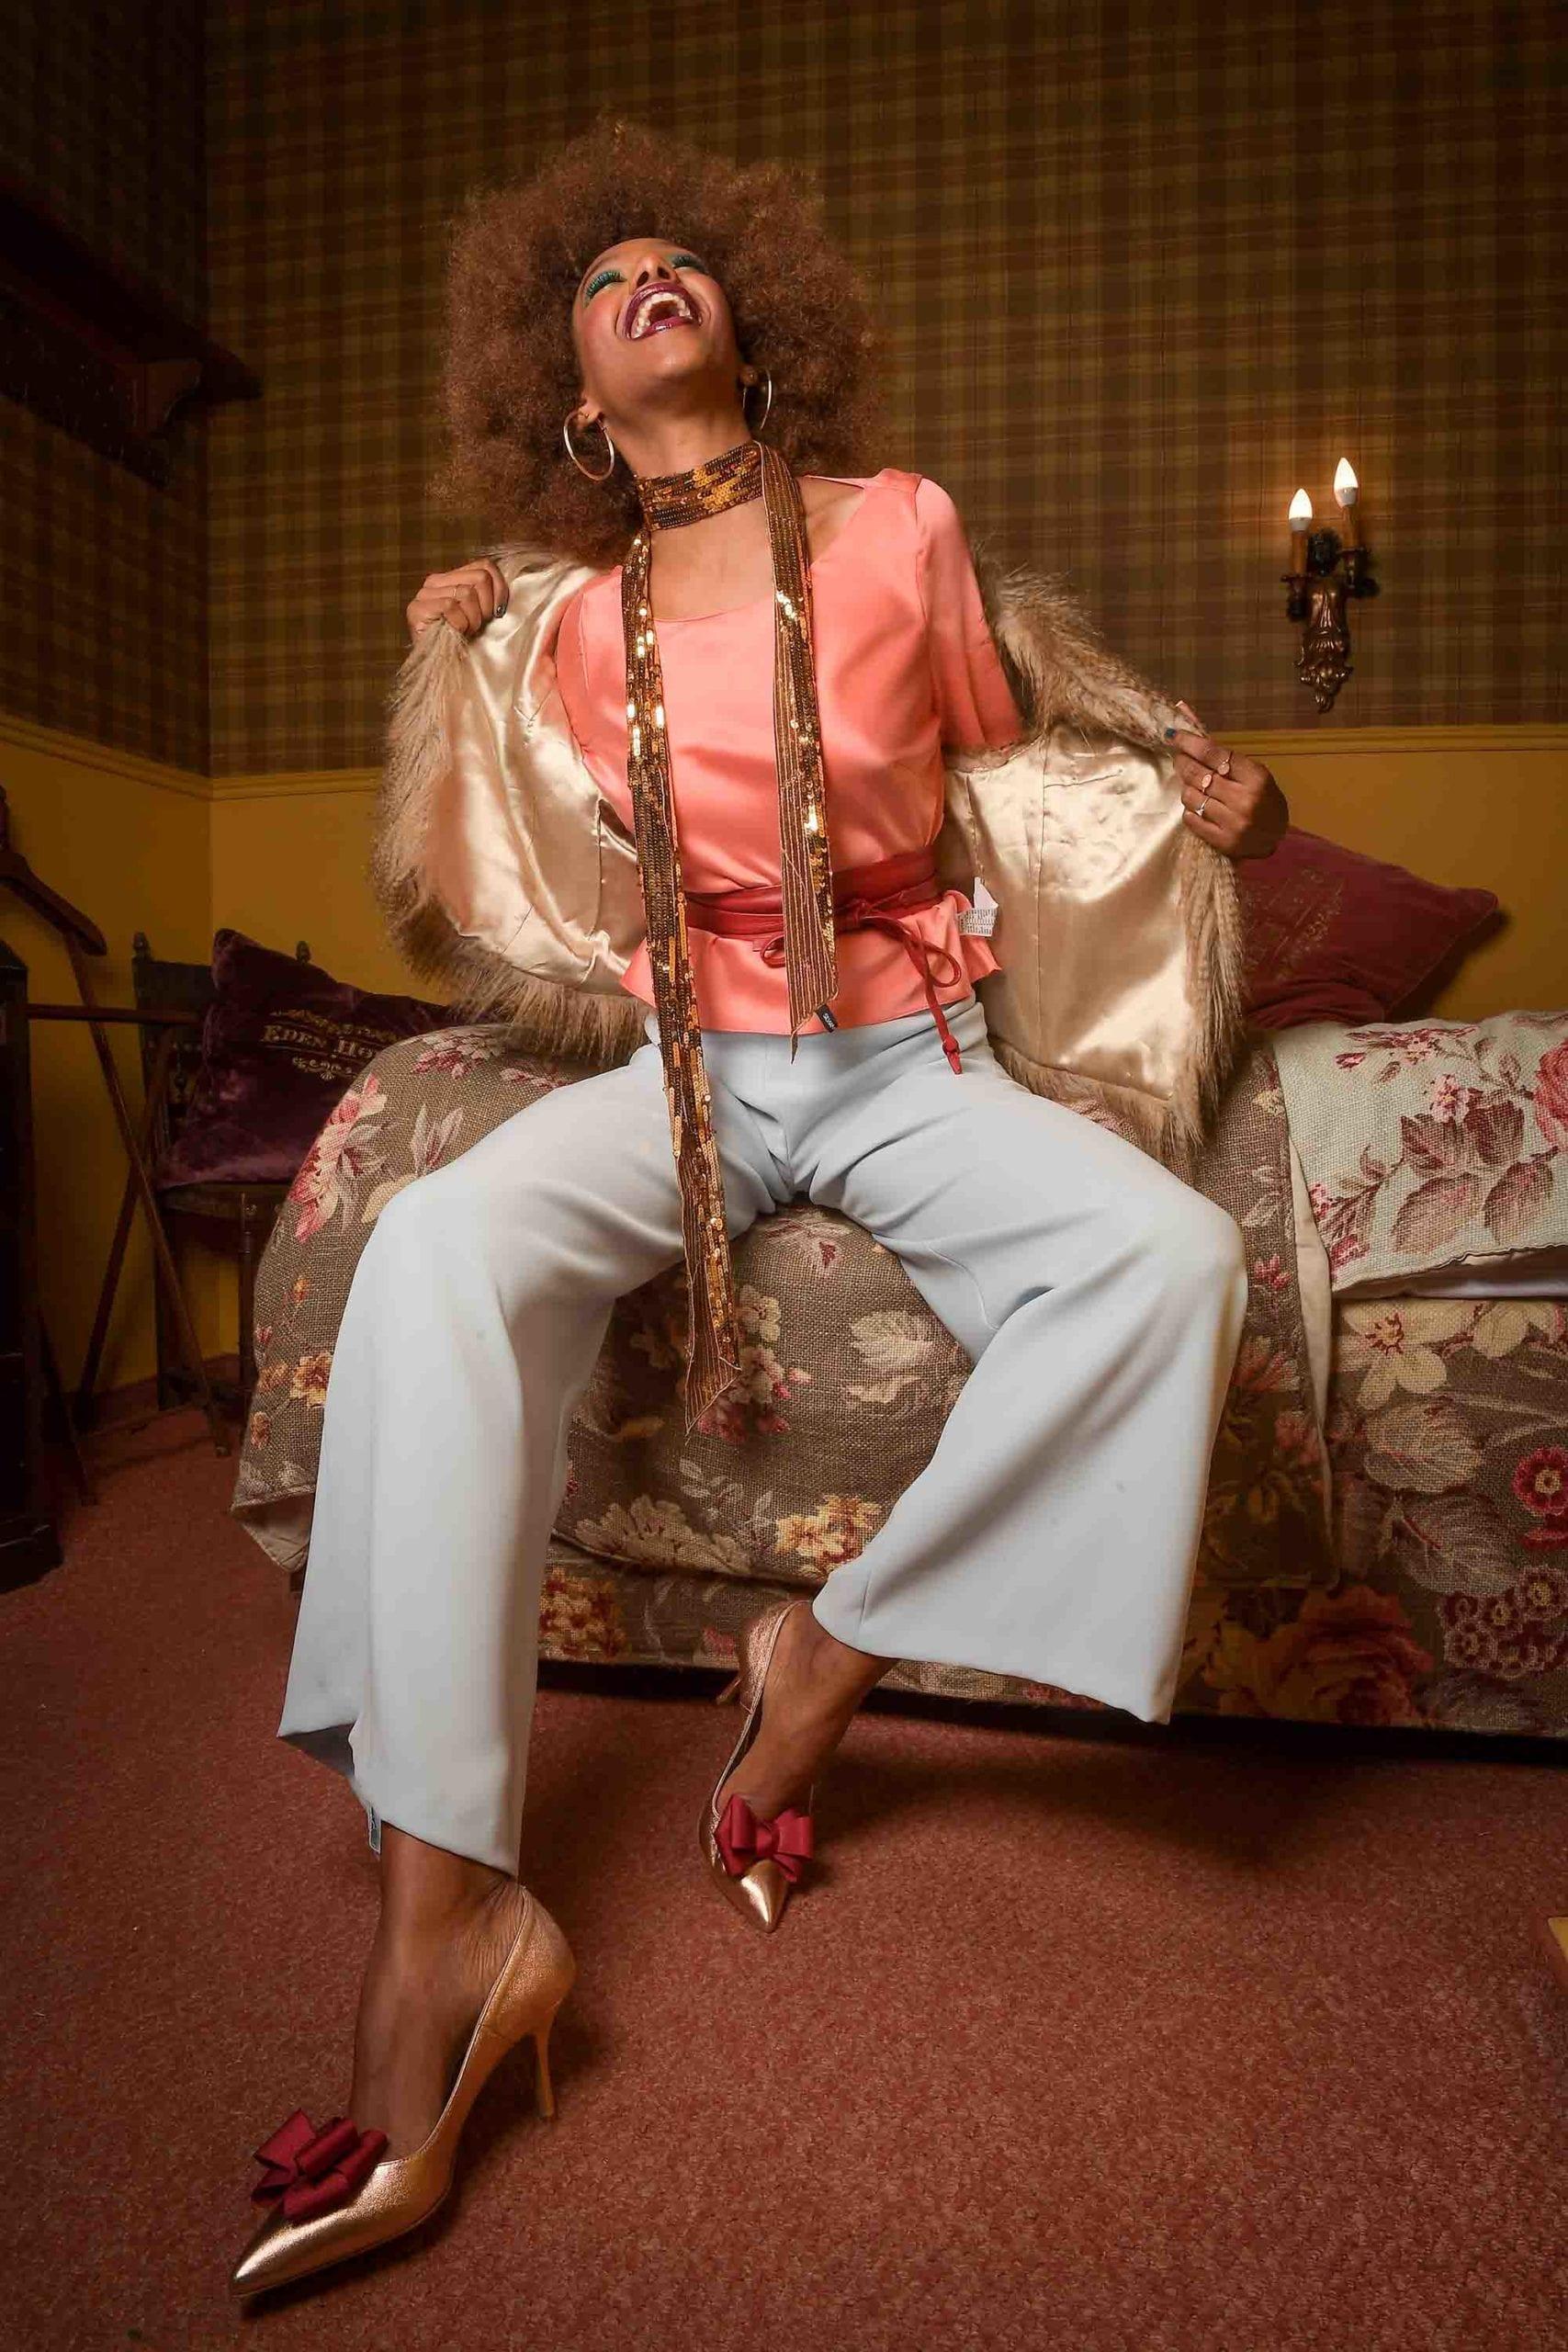 צילום: אילן סימן טוב סטיילינג: קסניה רויטבורג איפור: דידי פז עיצוב שיער: שרון פור דוגמנית: מזל מרשה ל-MC2 עיצוב אופנה: יובל רביד - כיכר המדינה, הפקות אופנה - 82